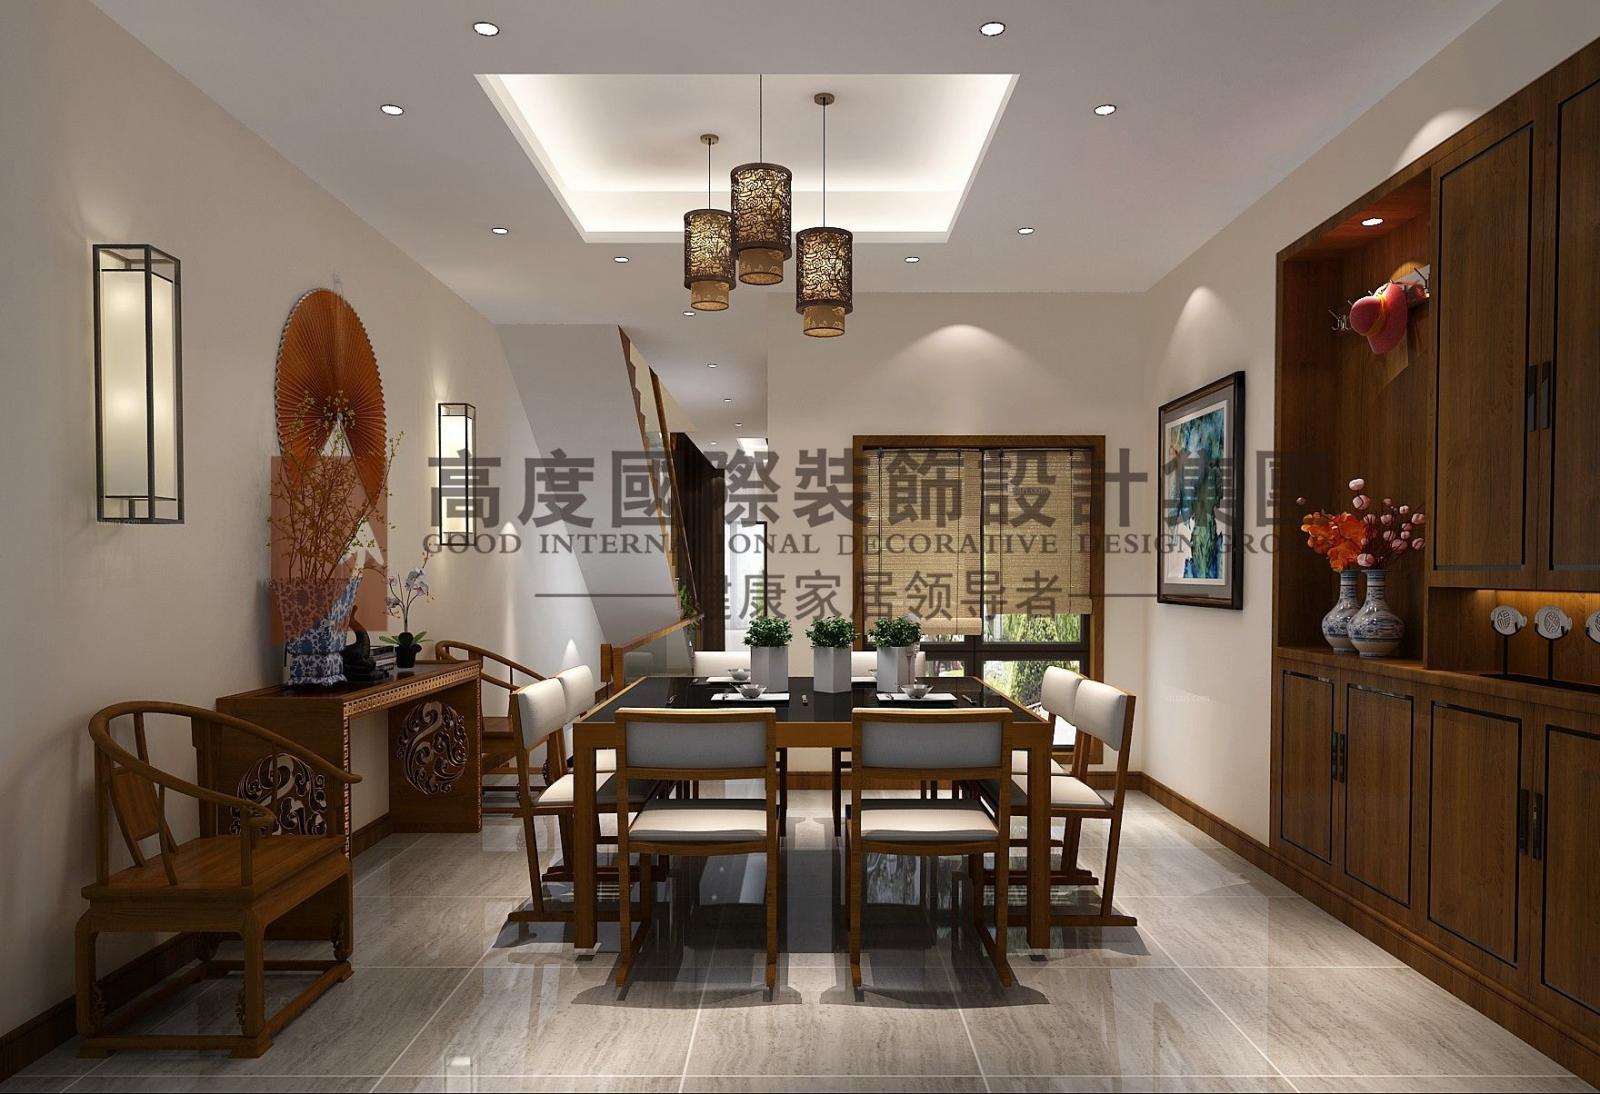 别墅中式风格餐厅开放式厨房